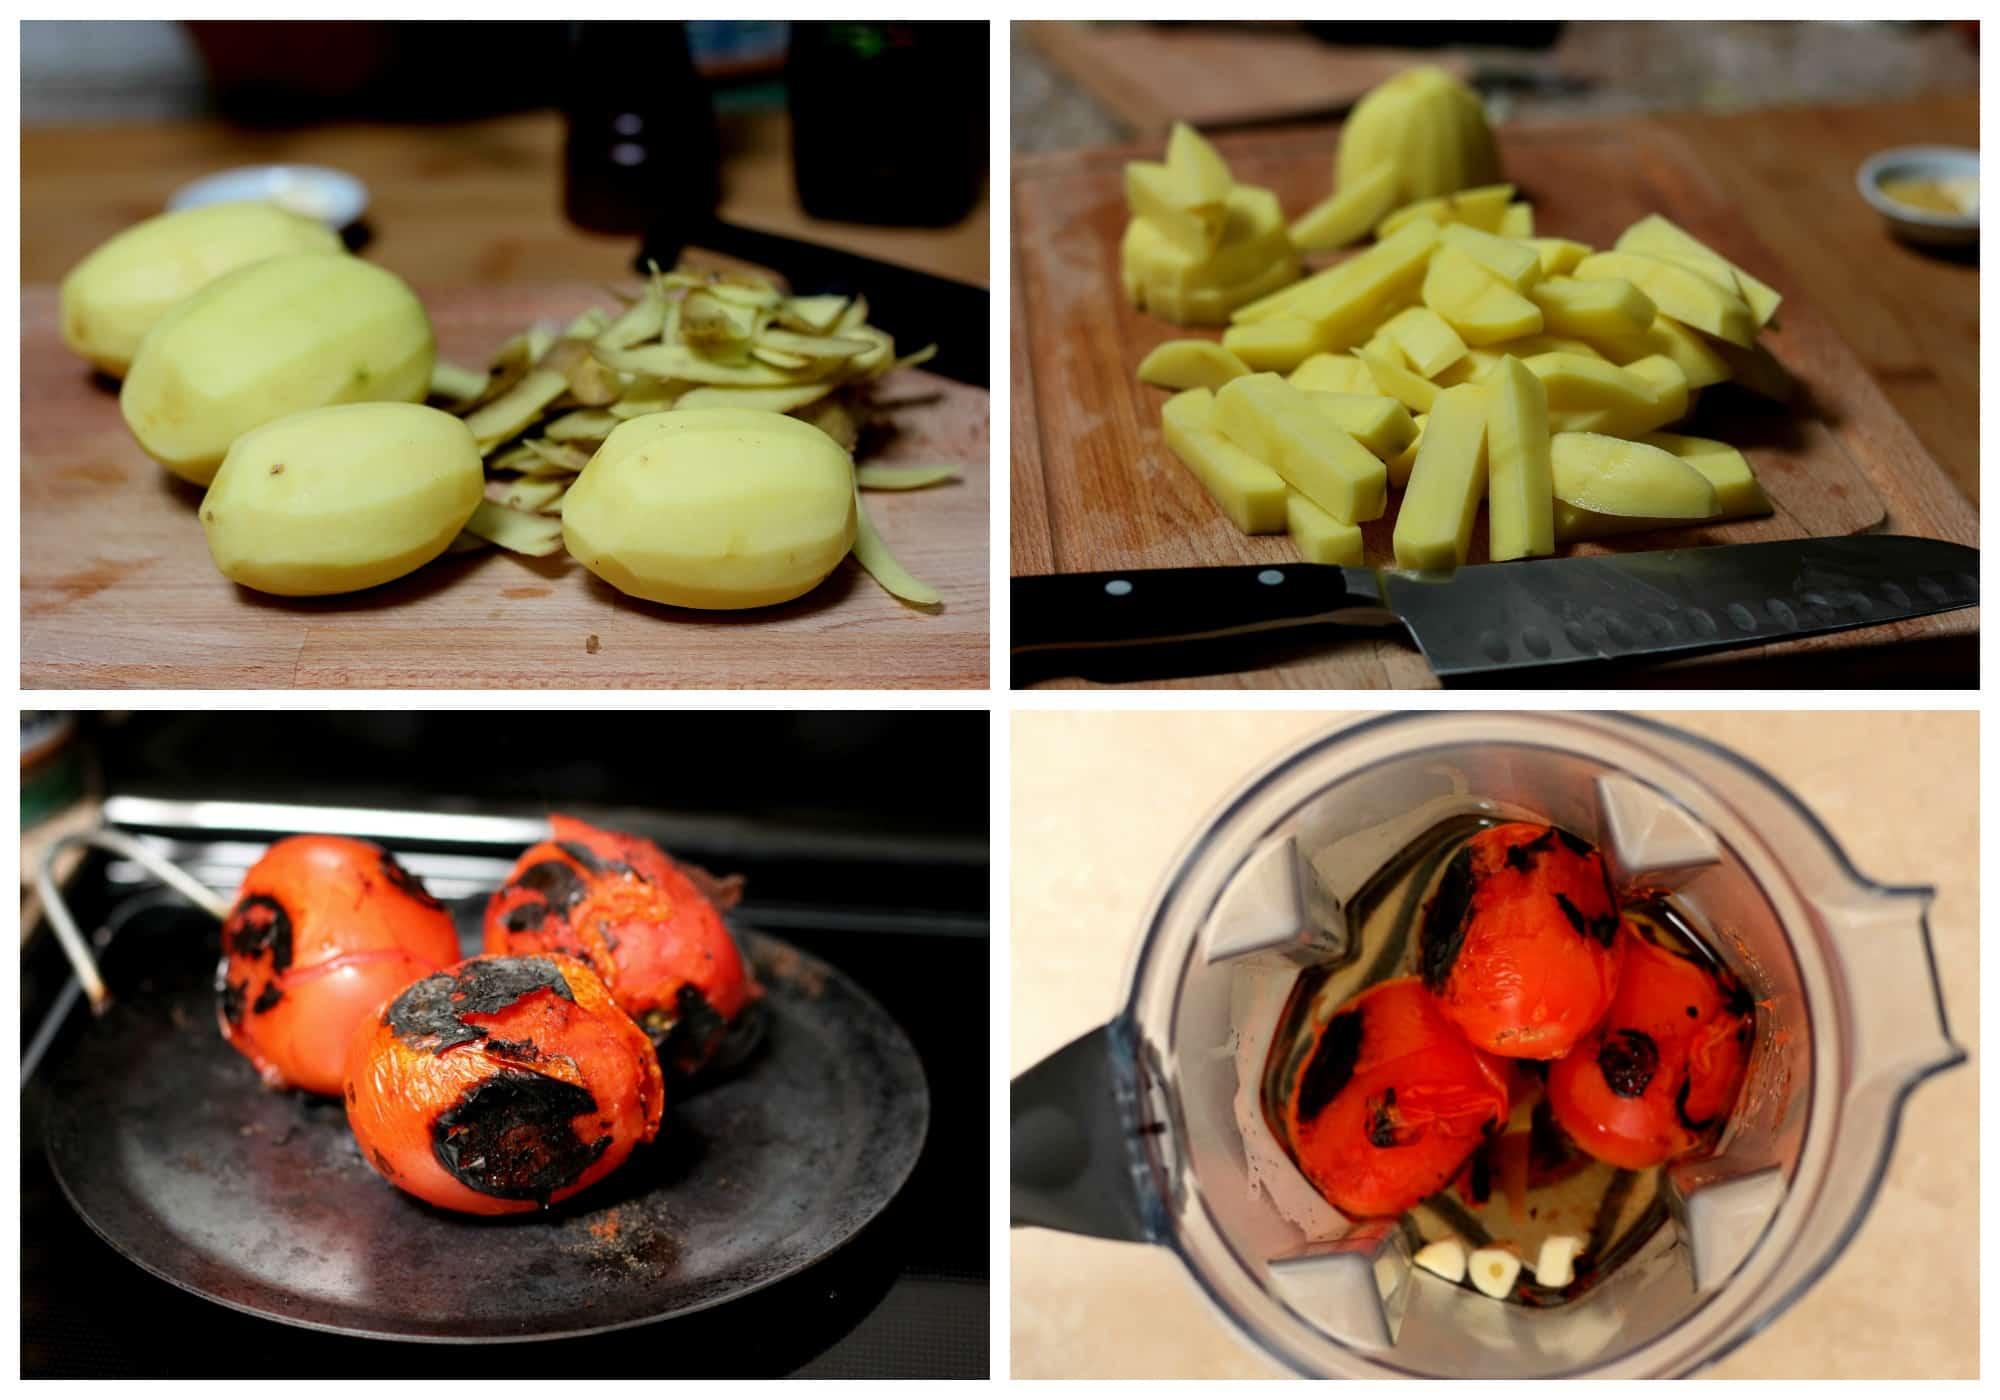 Potato soup process